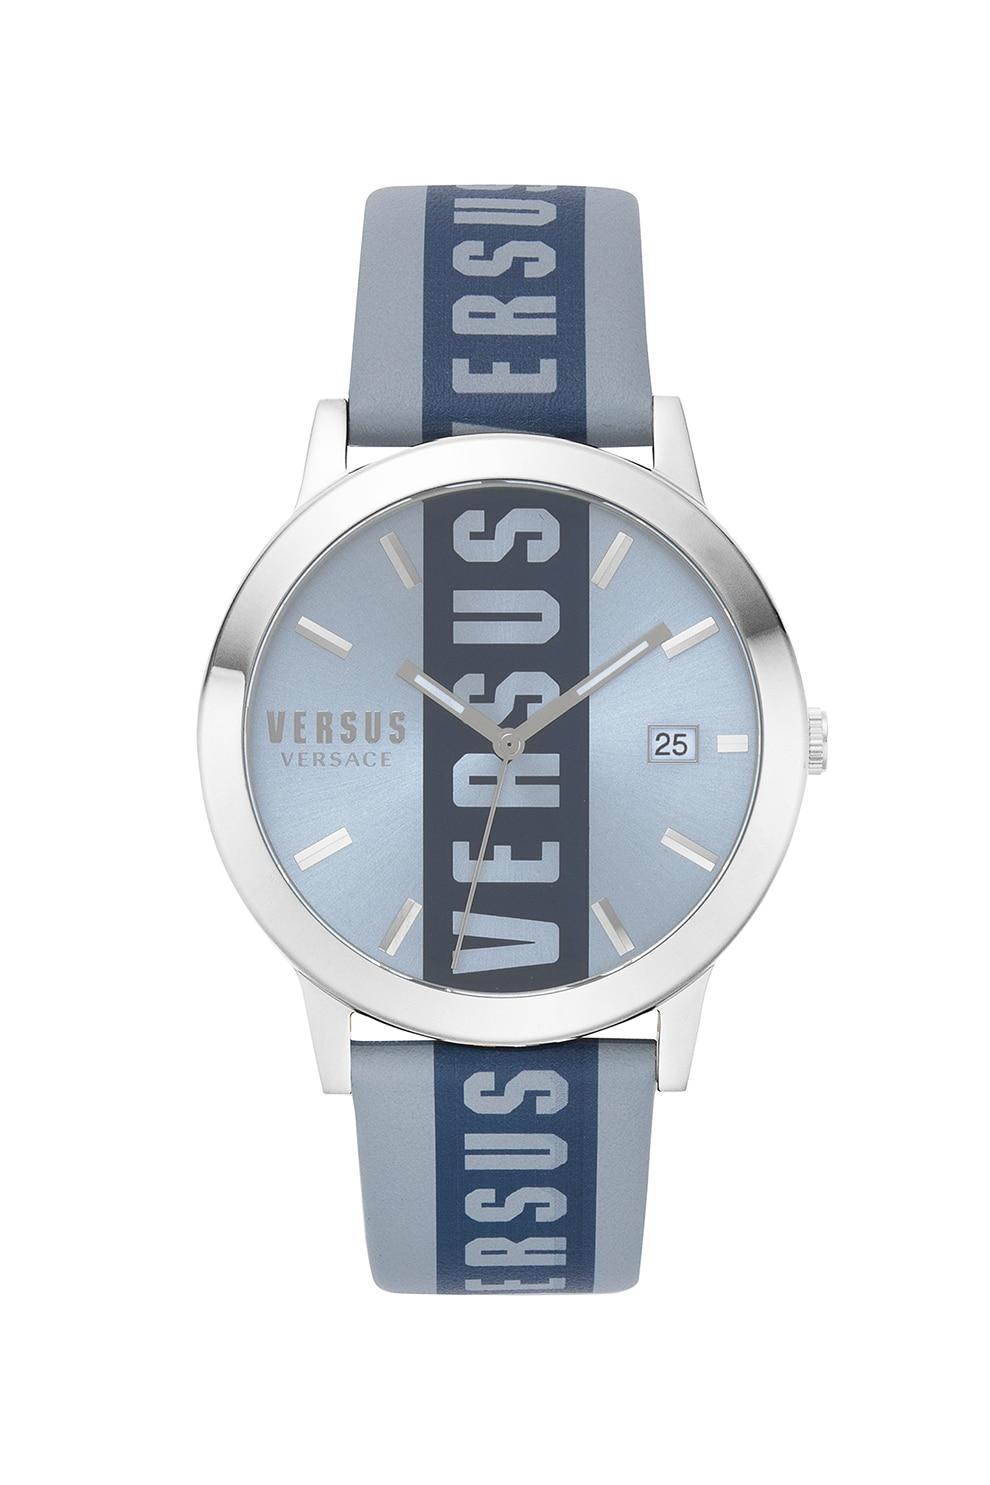 Fotografie VERSUS VERSACE, Ceas analog cu logo supradimensionat Versus Barbés, 44 mm, Albastru prafuit/Argintiu